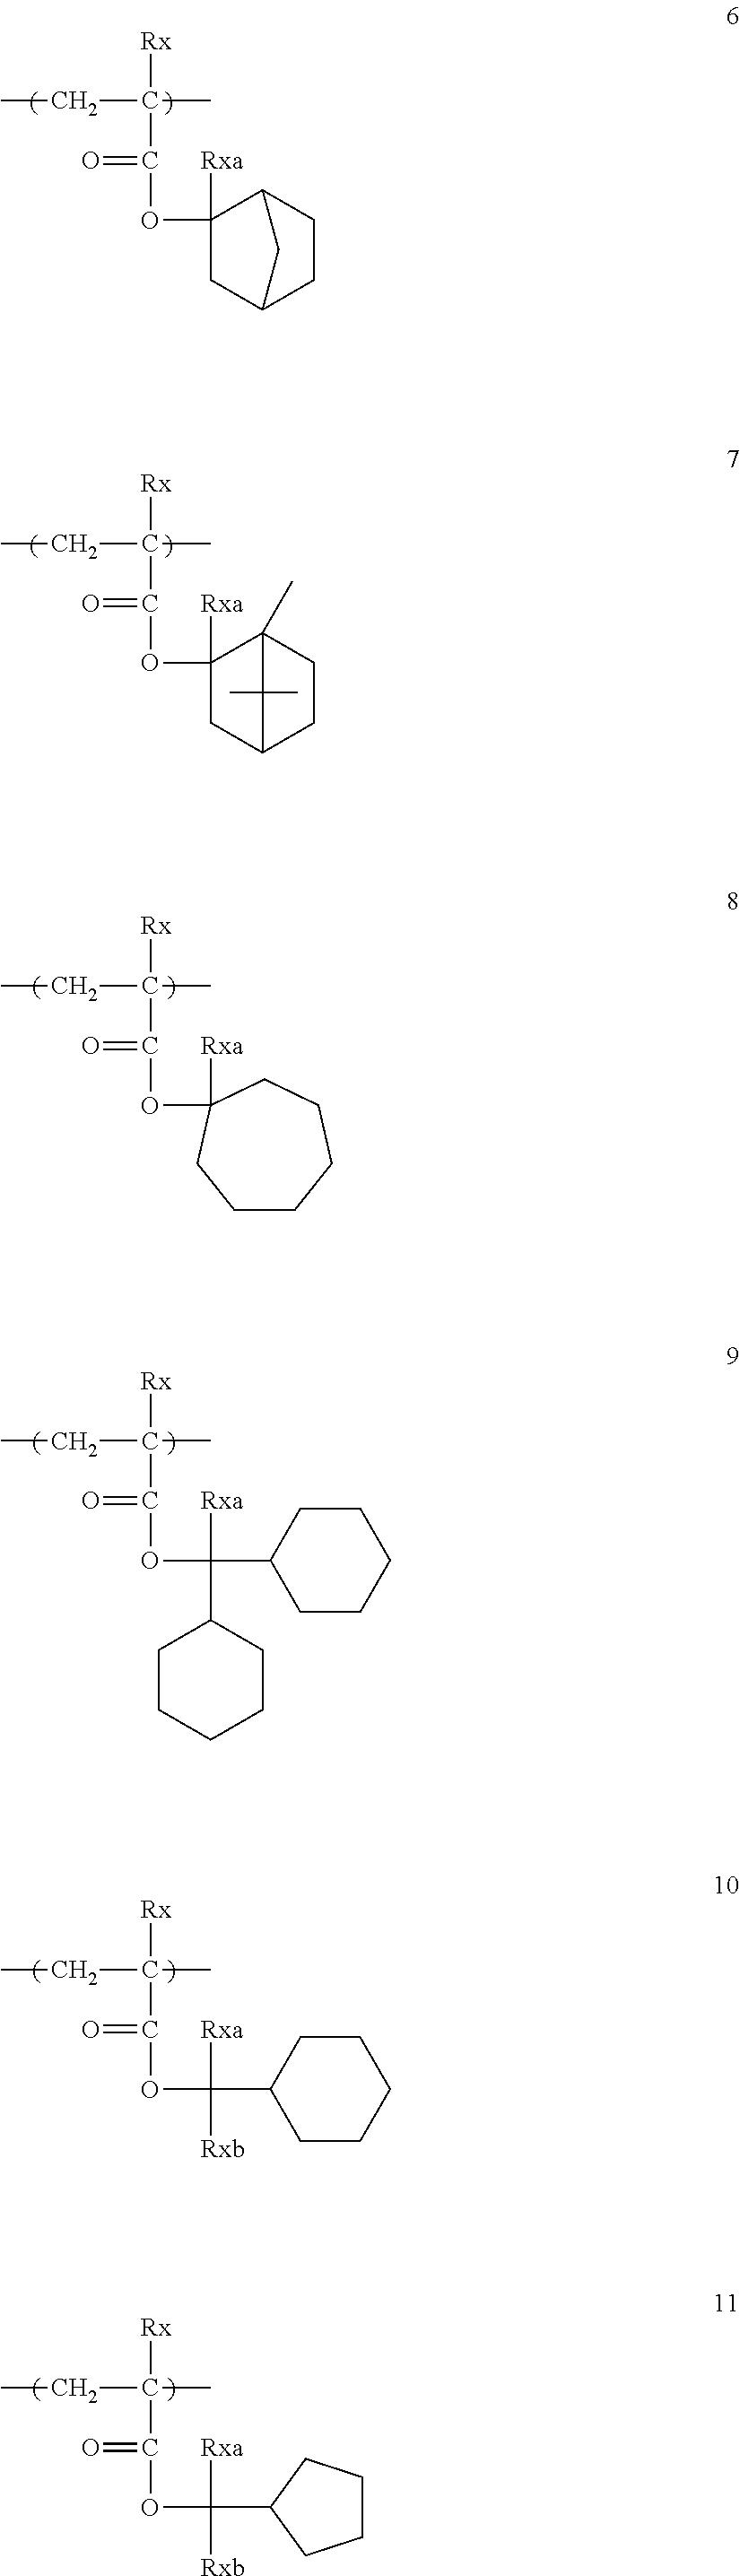 Figure US20110183258A1-20110728-C00031